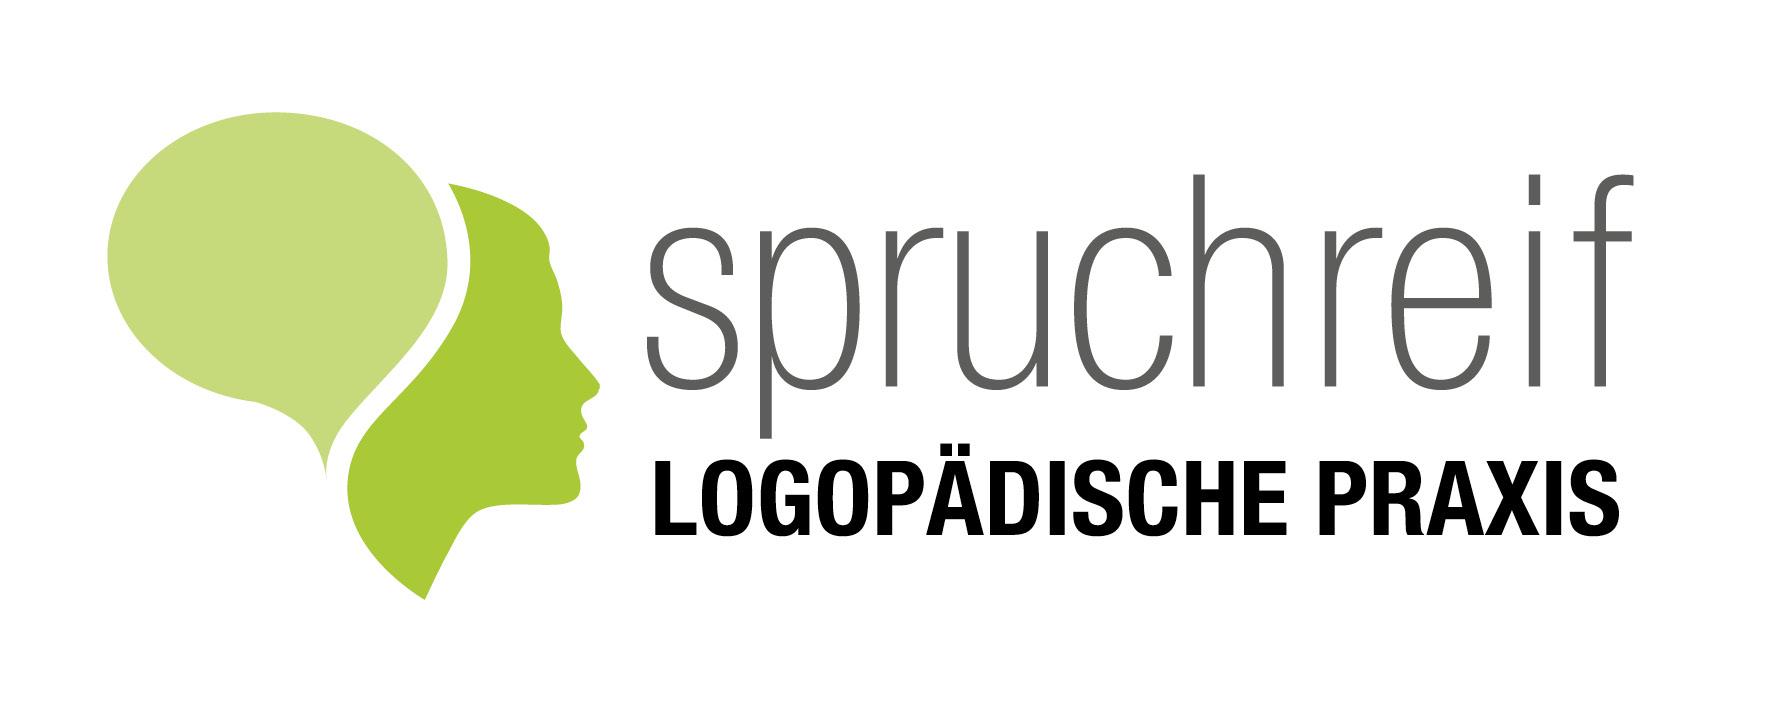 Stellenausschreibung spruchreif LOGOPÄDISCHE PRAXIS